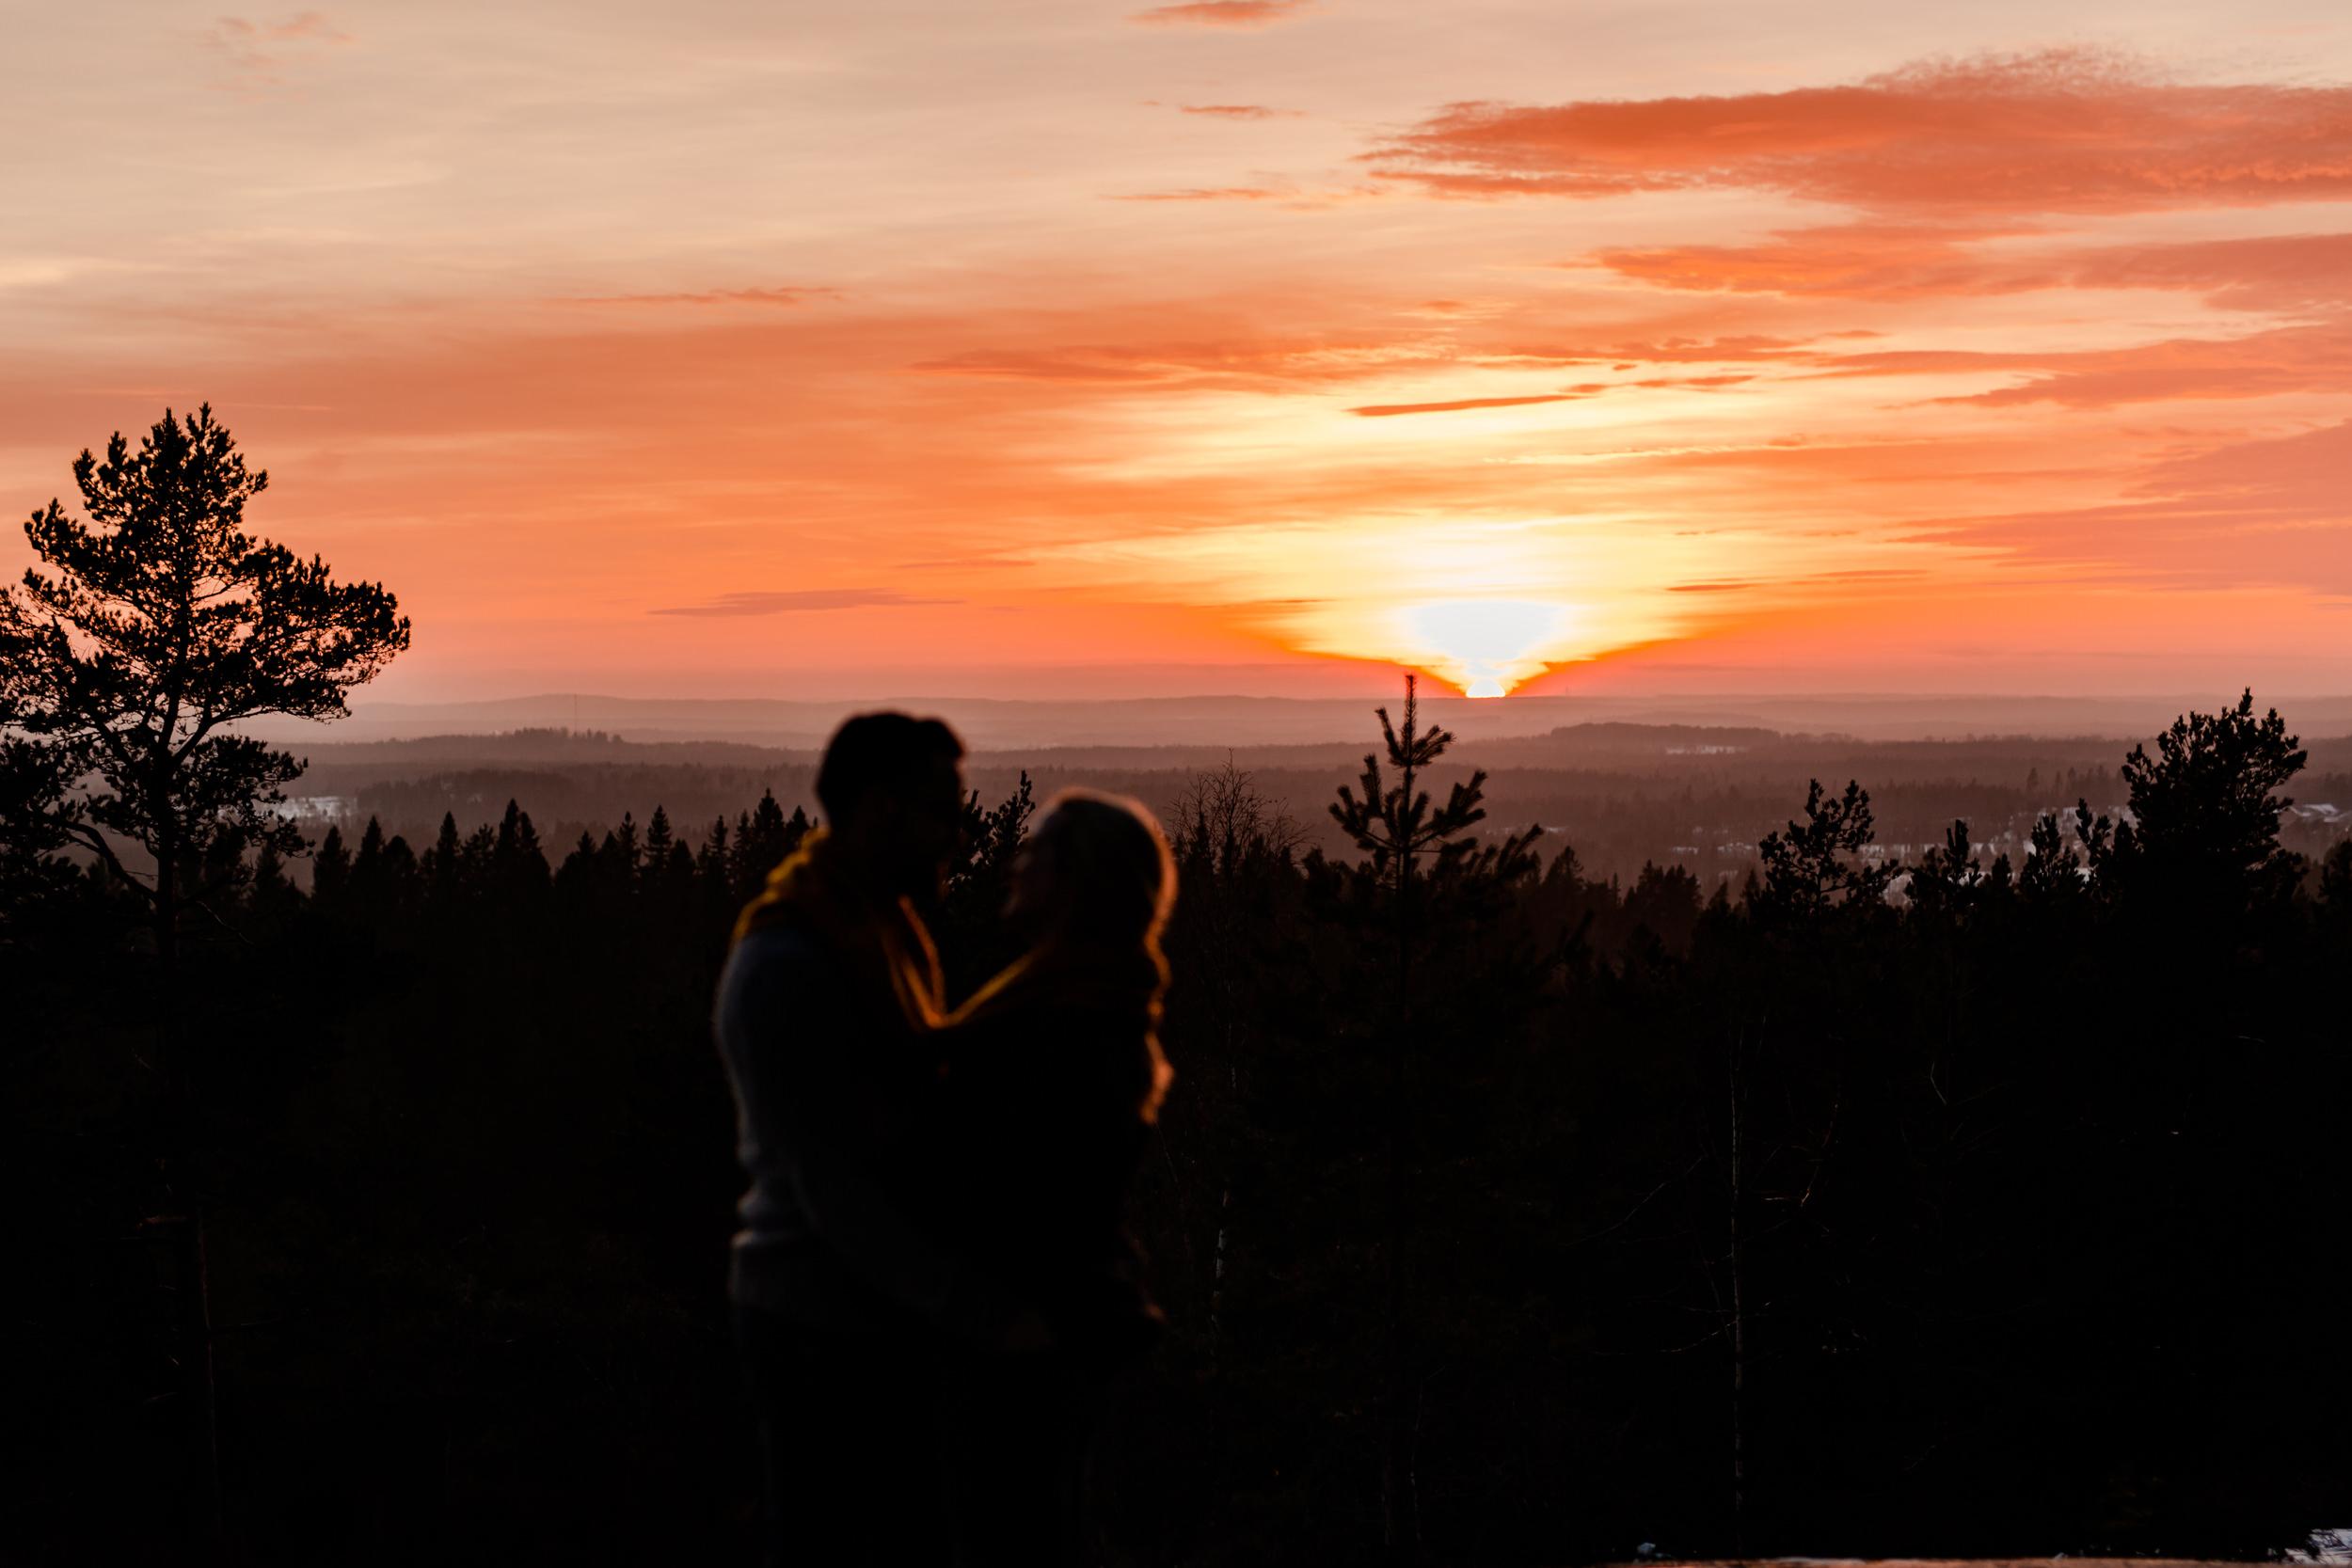 Provfotografering på Skuruhatt i Eksjö